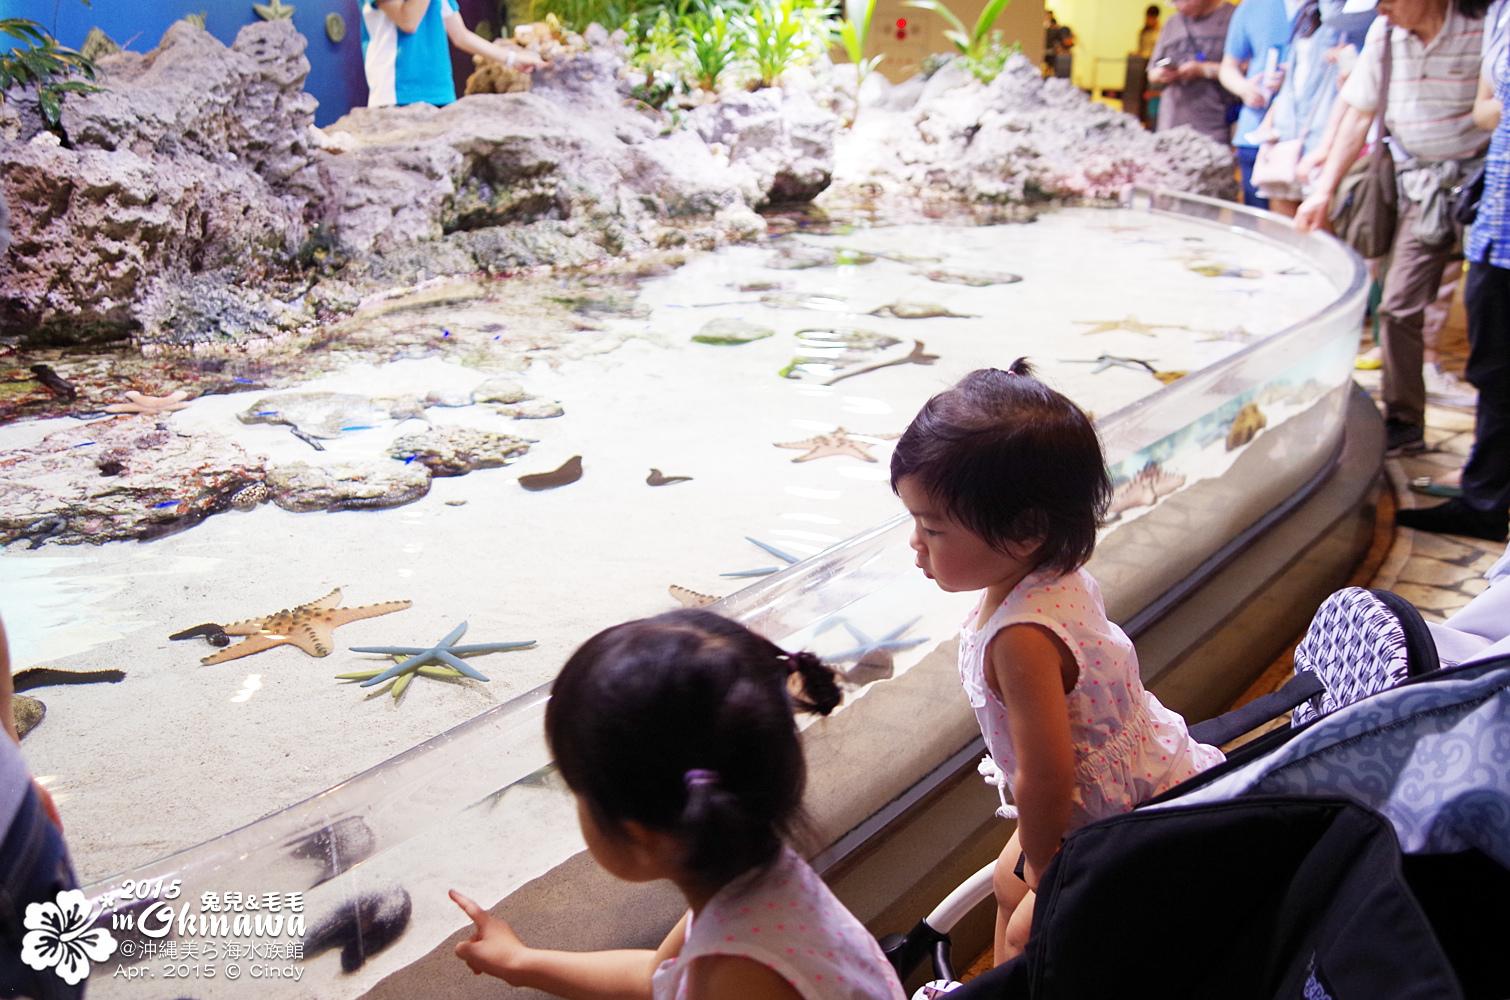 2015-0405-沖縄美ら海水族館-06.jpg